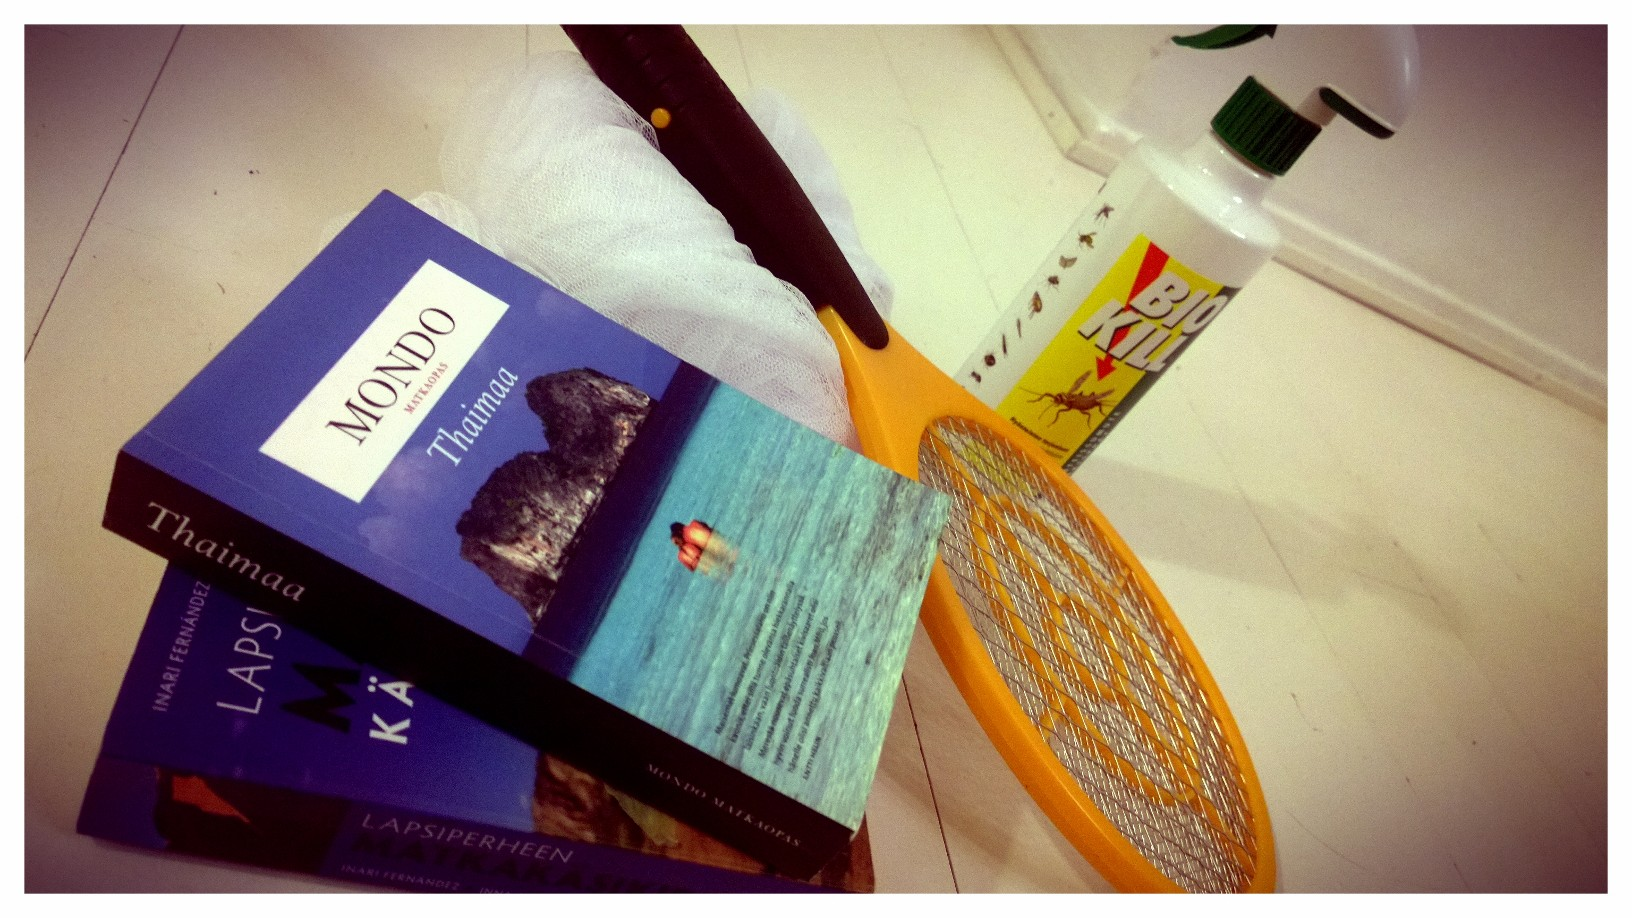 Kuvassa näkyvä härpäke ei ole tennismaila, vaan hyttyslätkä. Niin hullu keksintö, että oli pakko testata :)